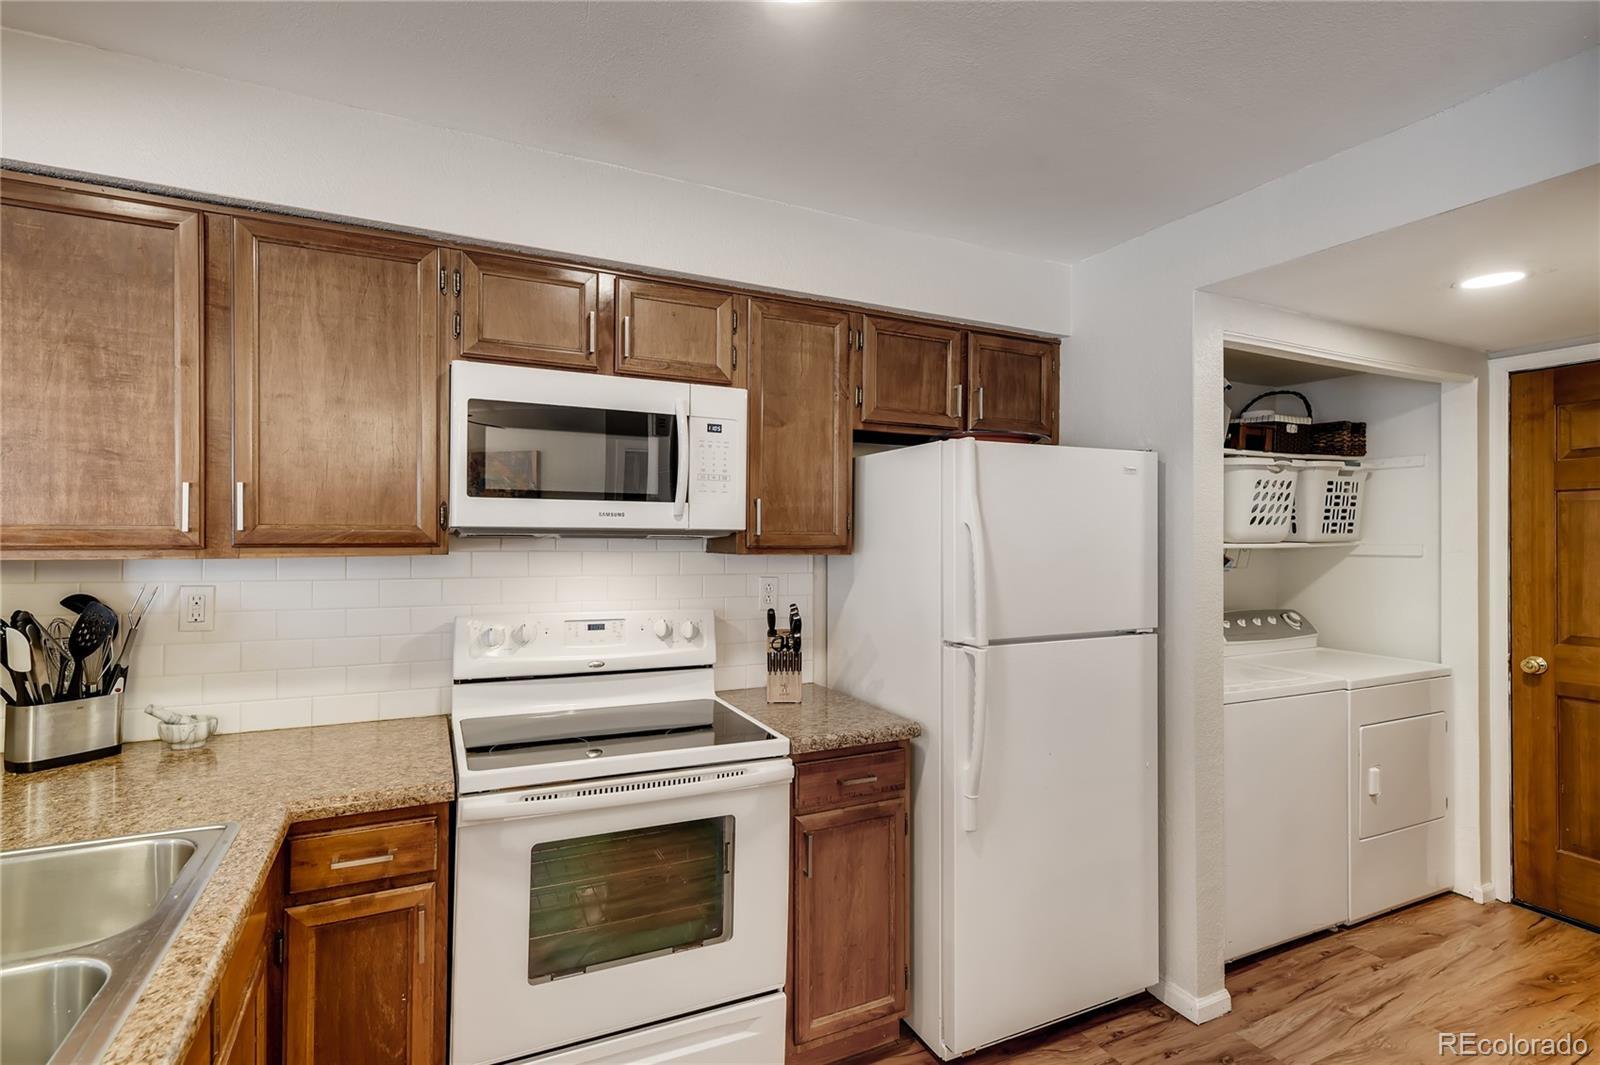 MLS# 2286573 - 19 - 836 S Vance Street #A, Lakewood, CO 80226